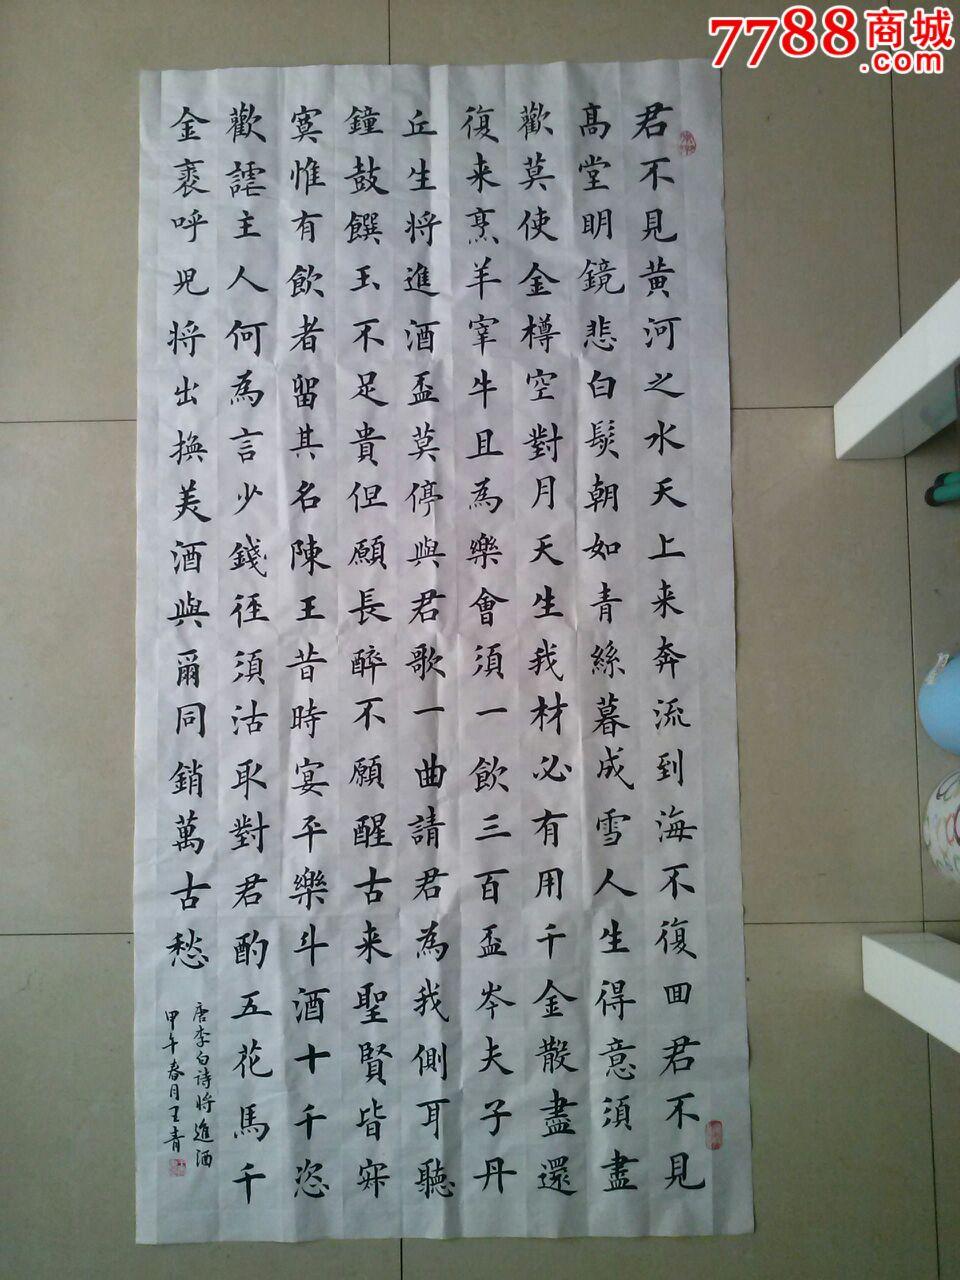 欧体楷书毛笔手写李白诗将进酒图片